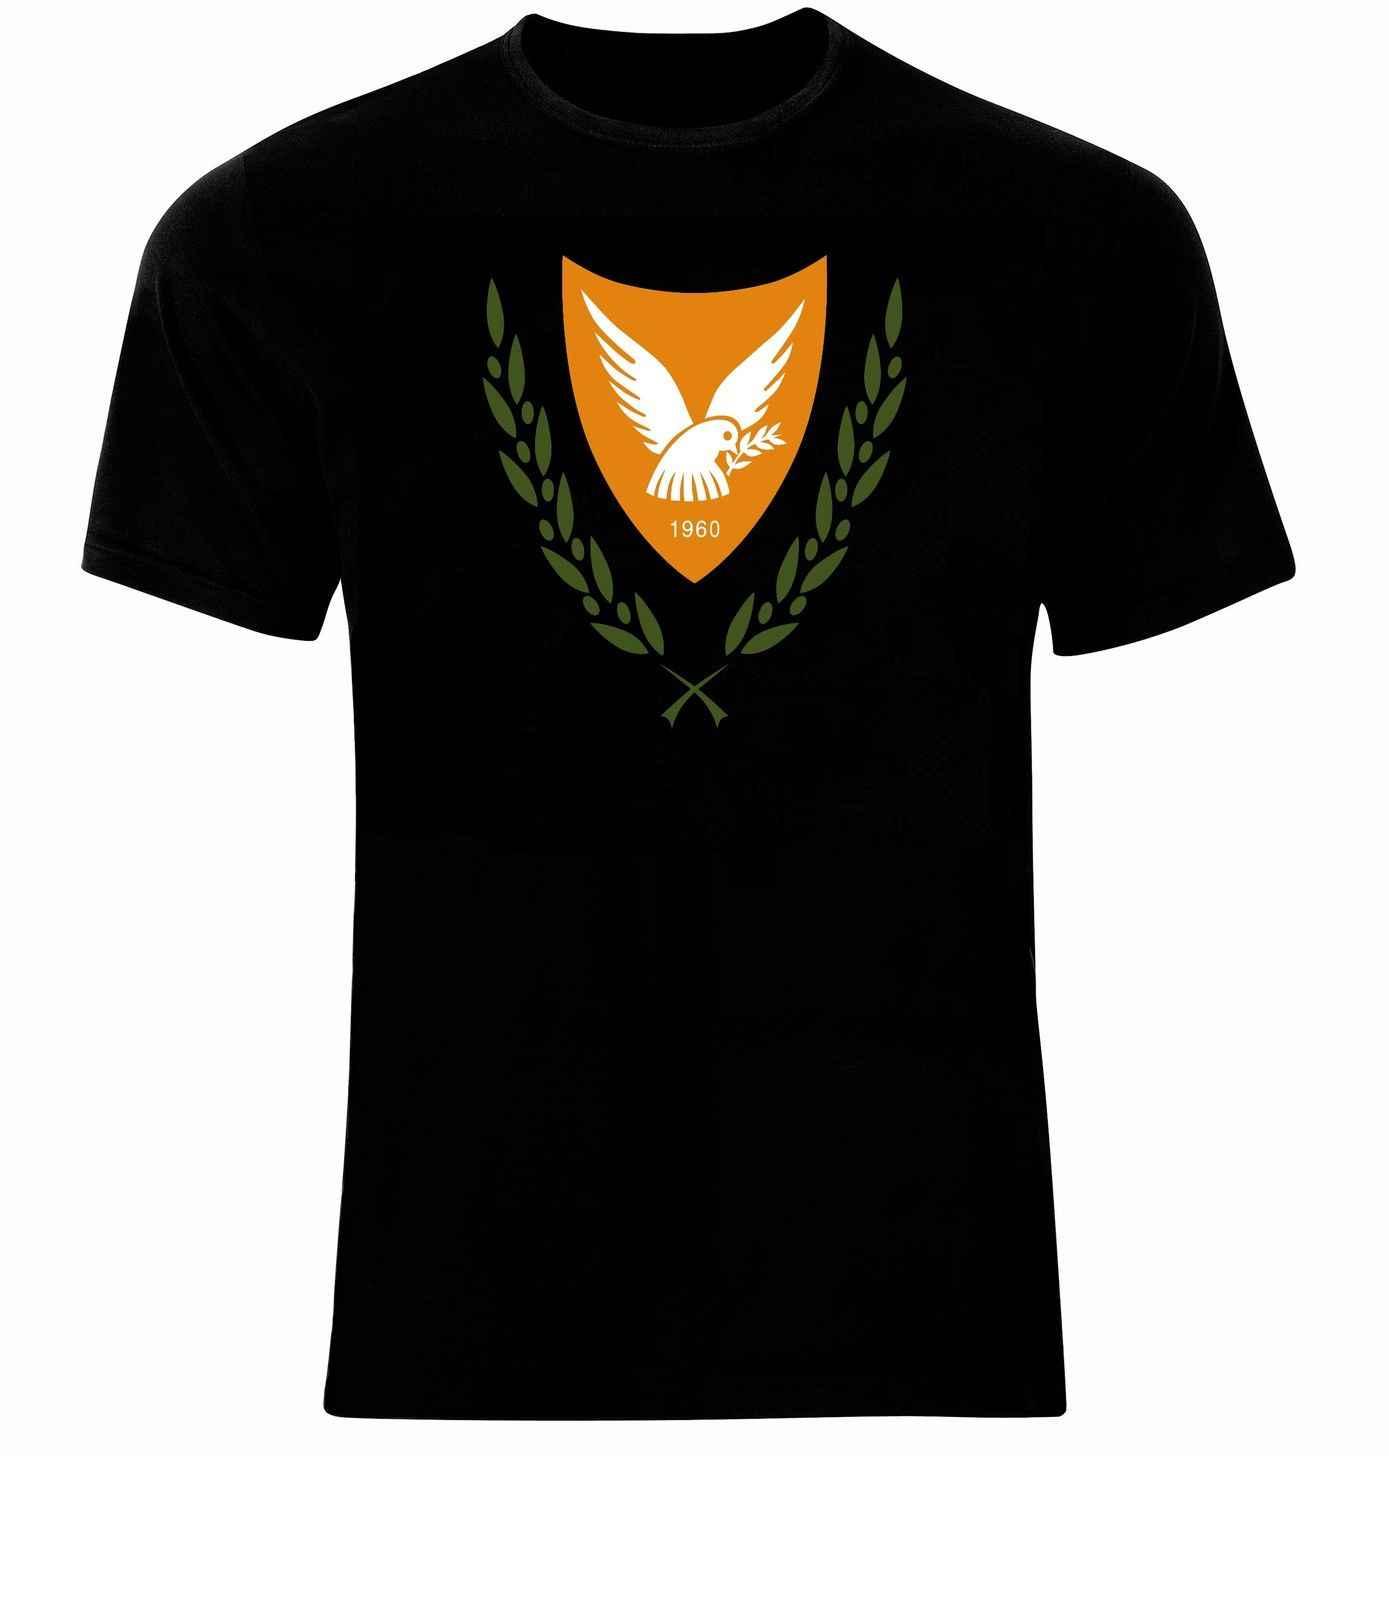 Пальто с гербом киприотского оружия, футболка с флагом всех размеров